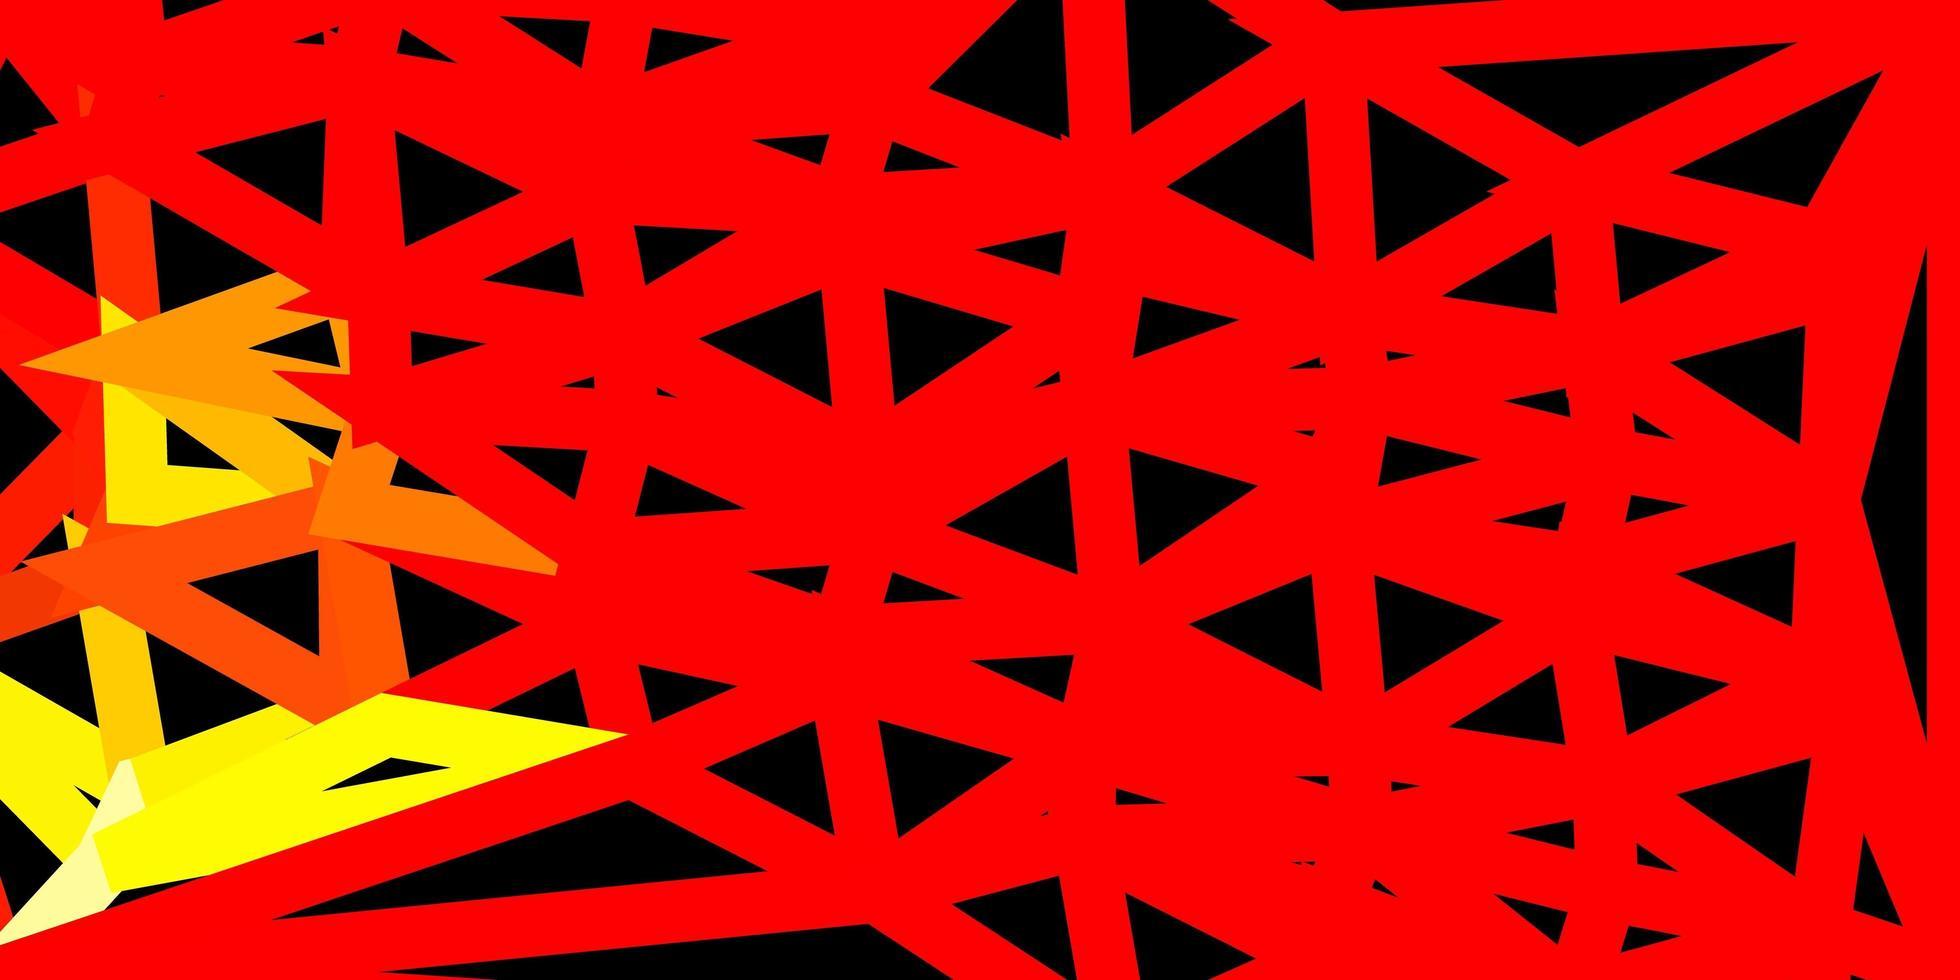 motif de triangle rouge et jaune. vecteur